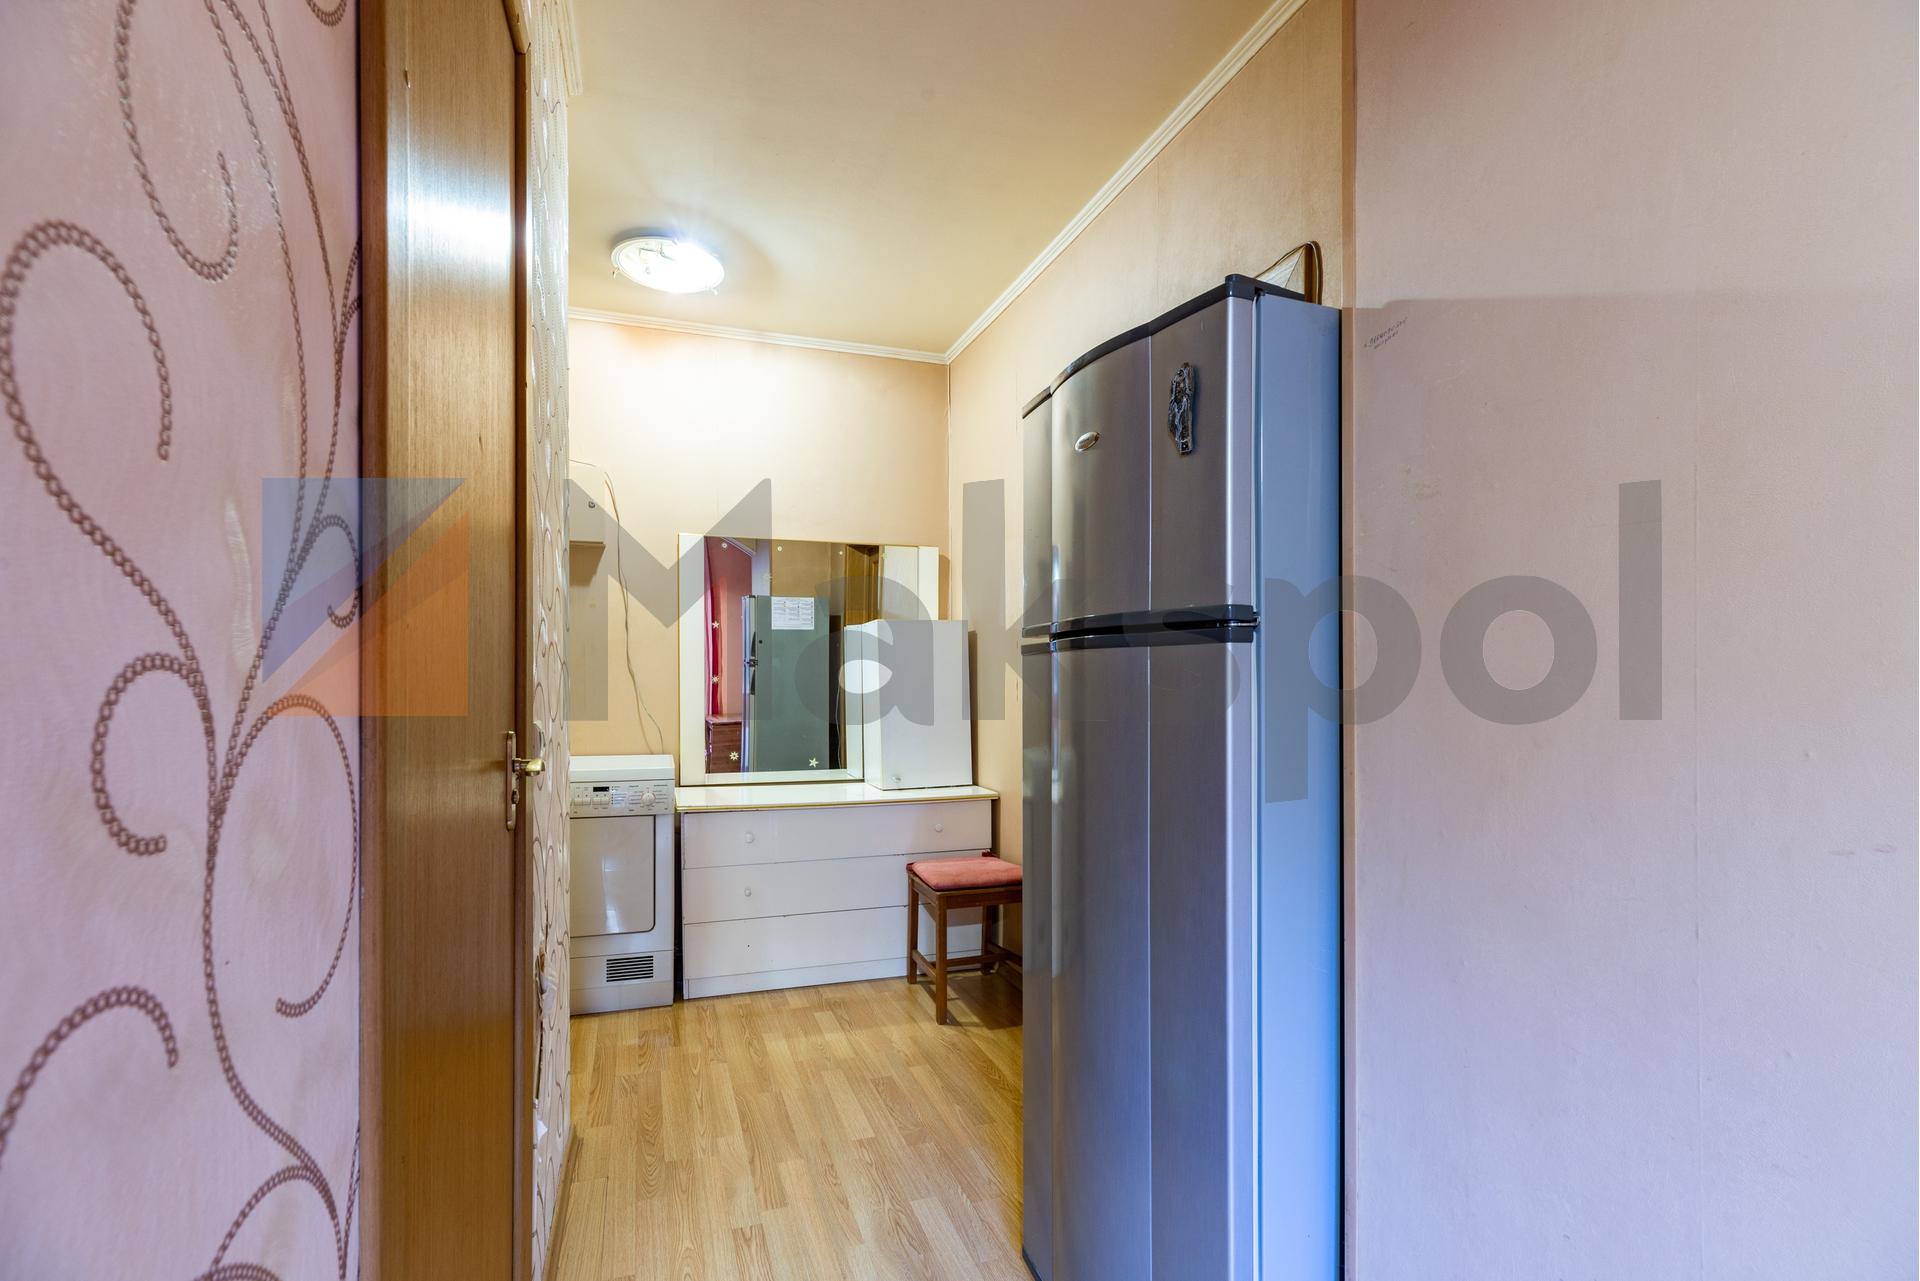 Квартира в современном доме 5